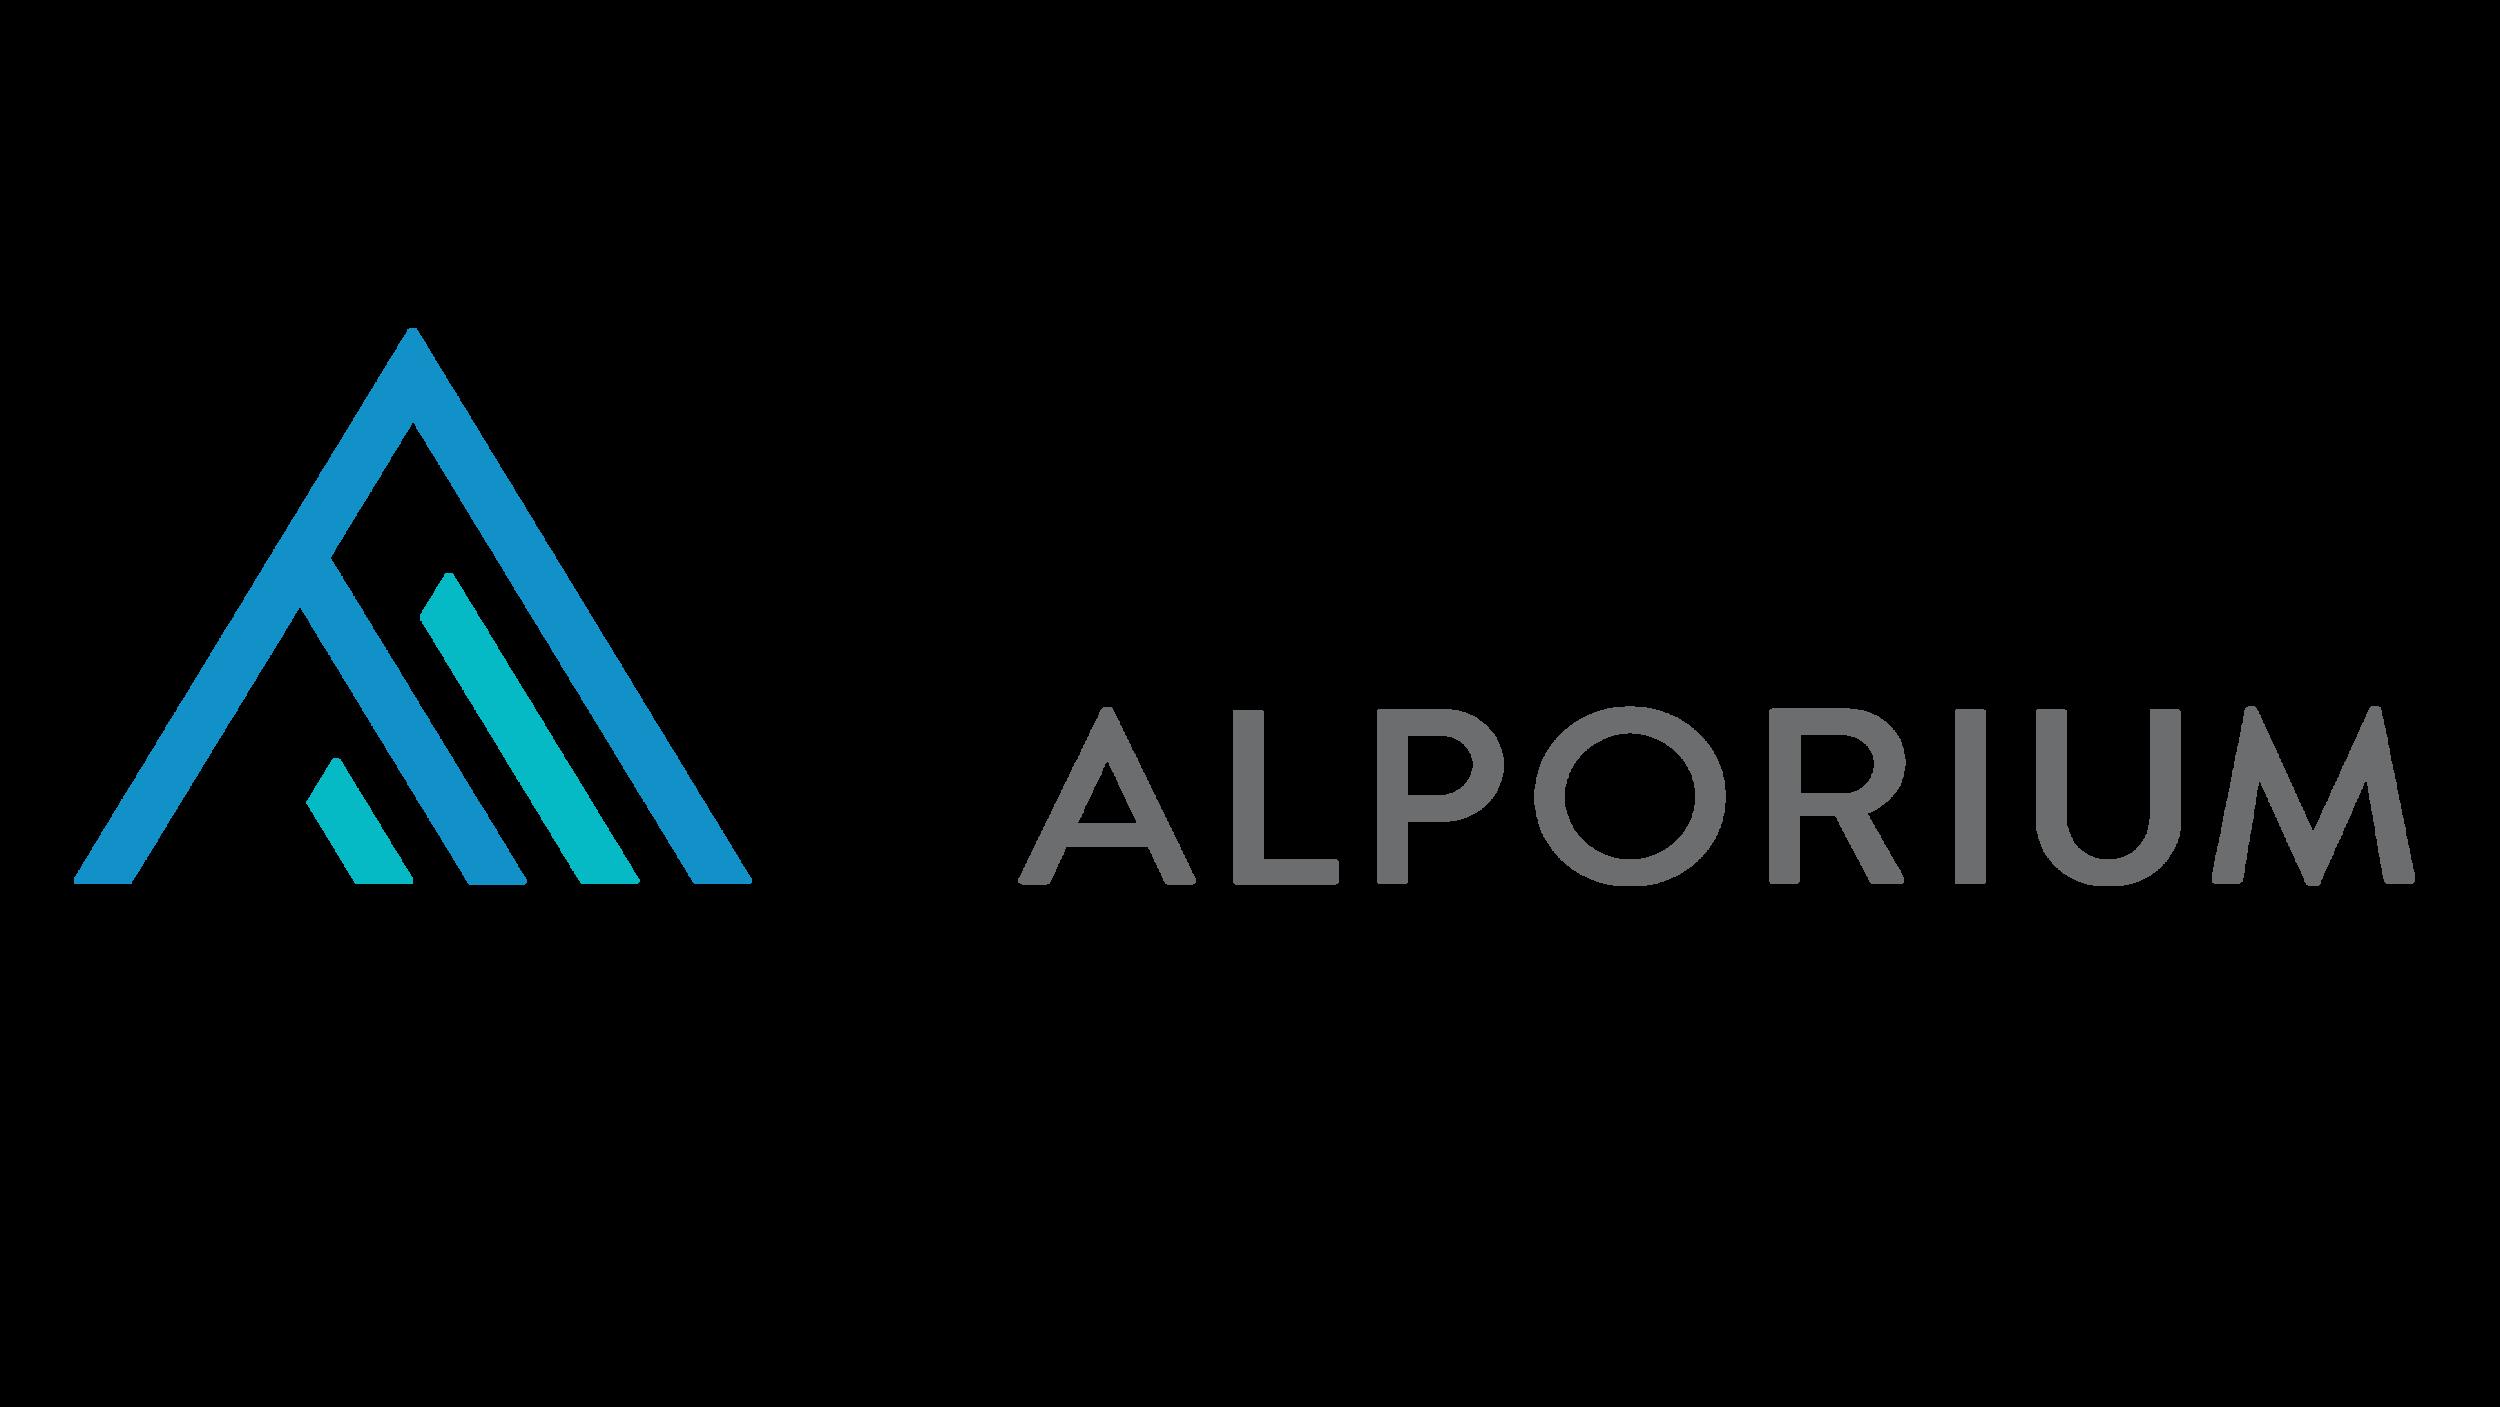 d-00.01-portfolio-alporium-brand-logo-updated.png